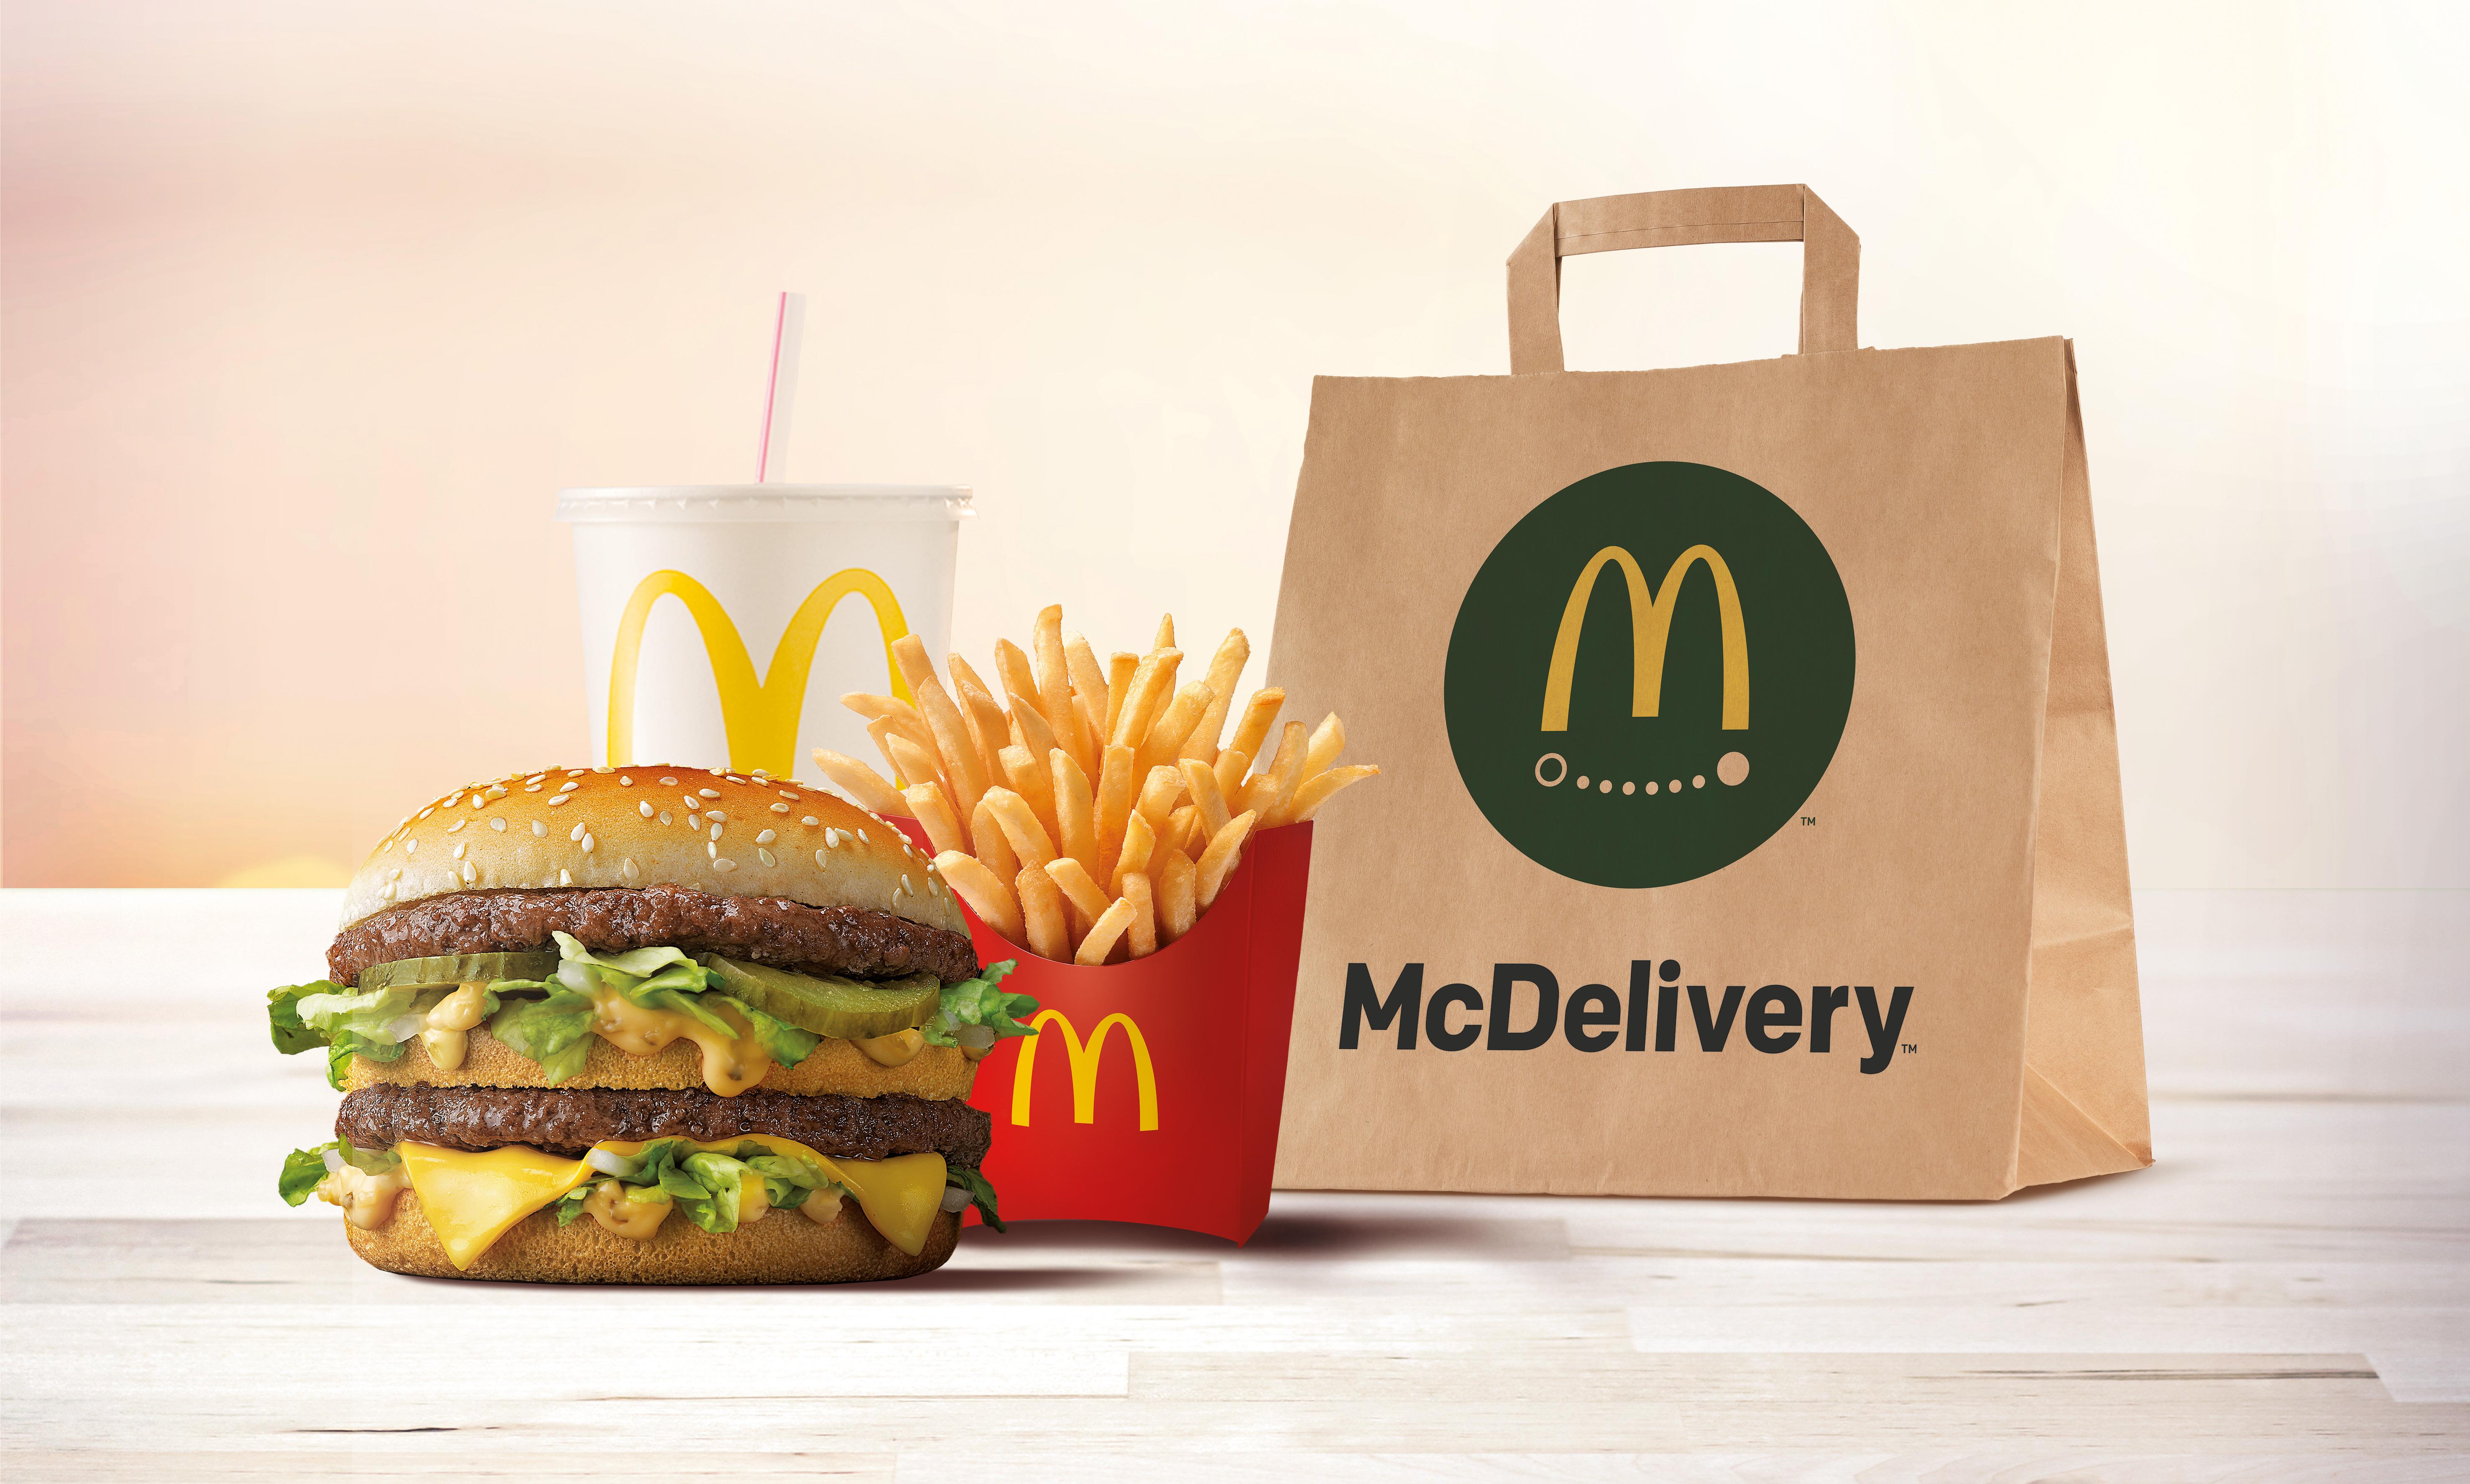 McDonald's lanza en Alicante su servicio de entrega a domicilio, McDelivery